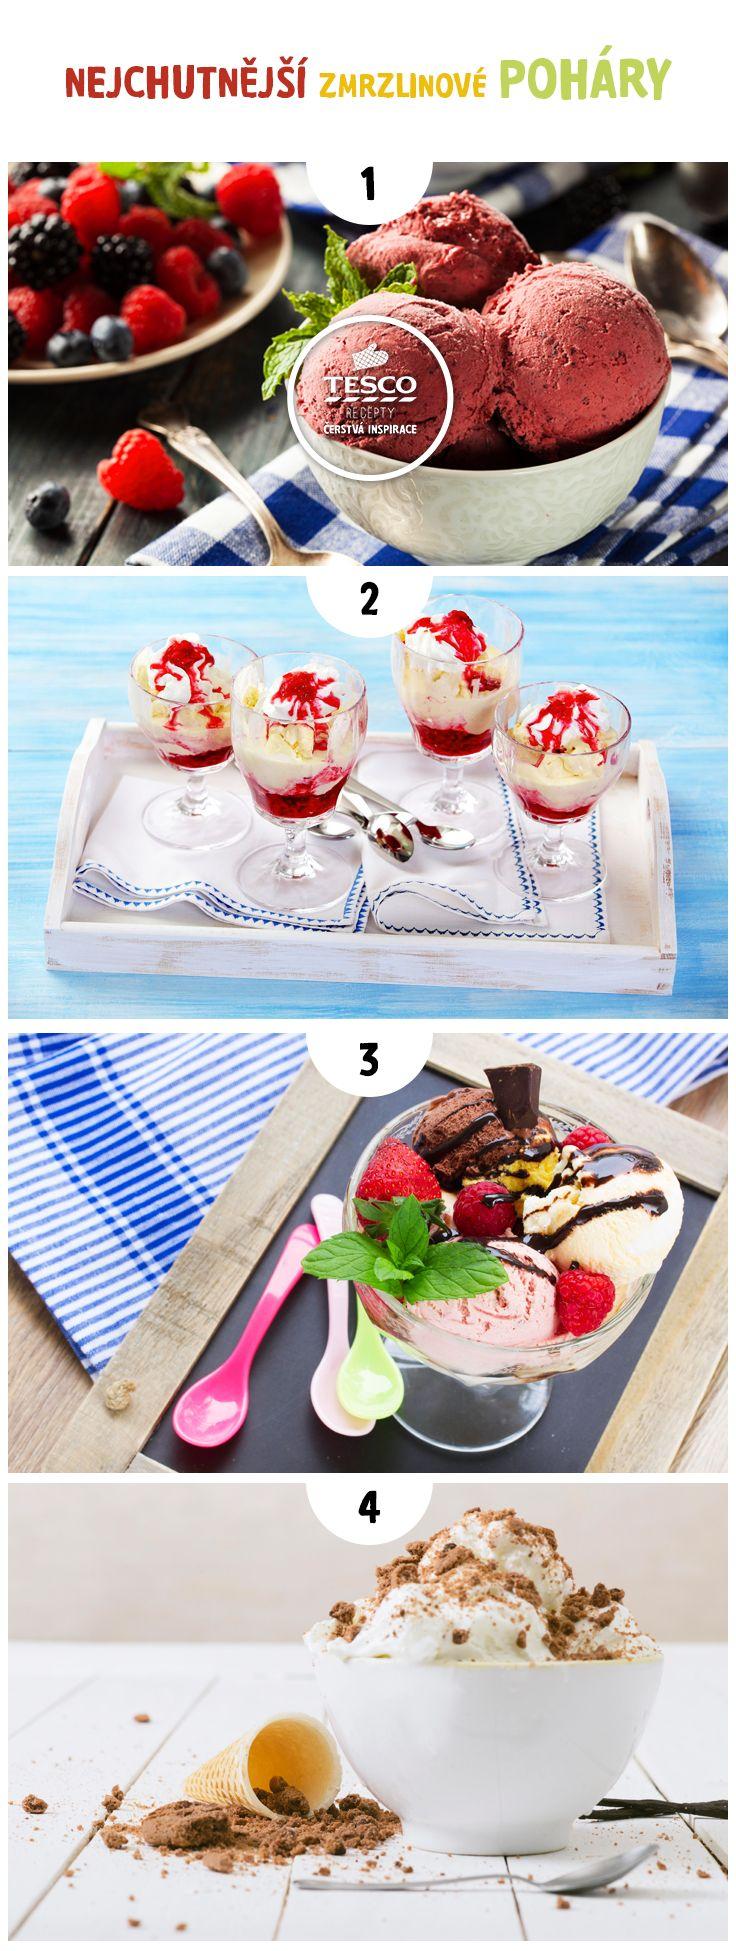 Výborné zmrzlinové poháry, které budou vaše děti milovat!